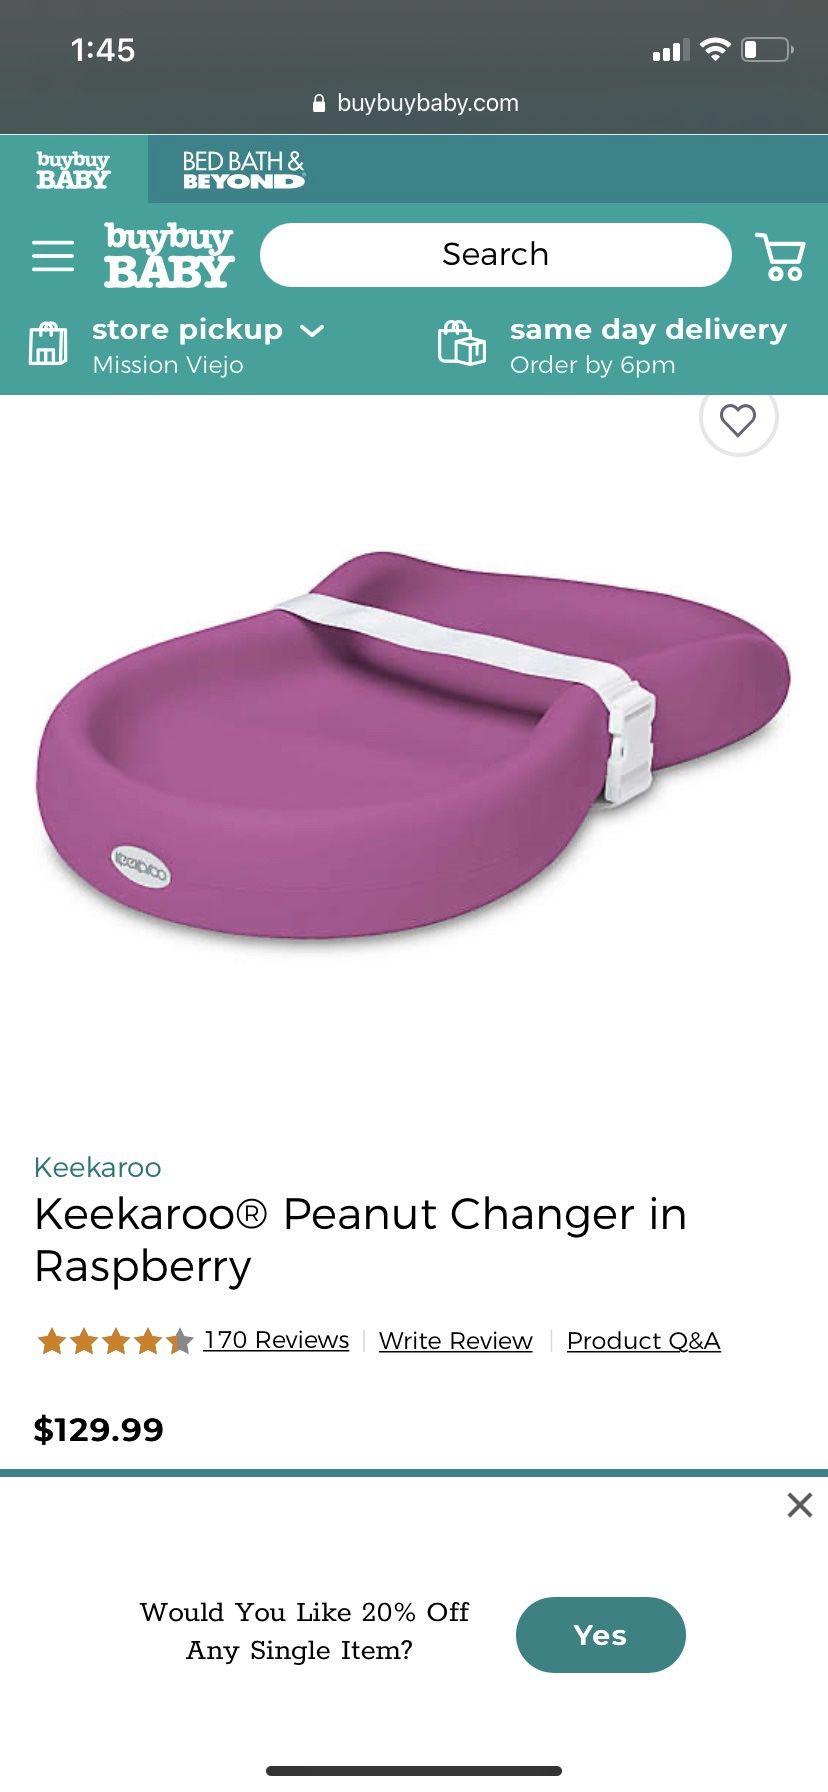 Keekaroo Peanut Changer